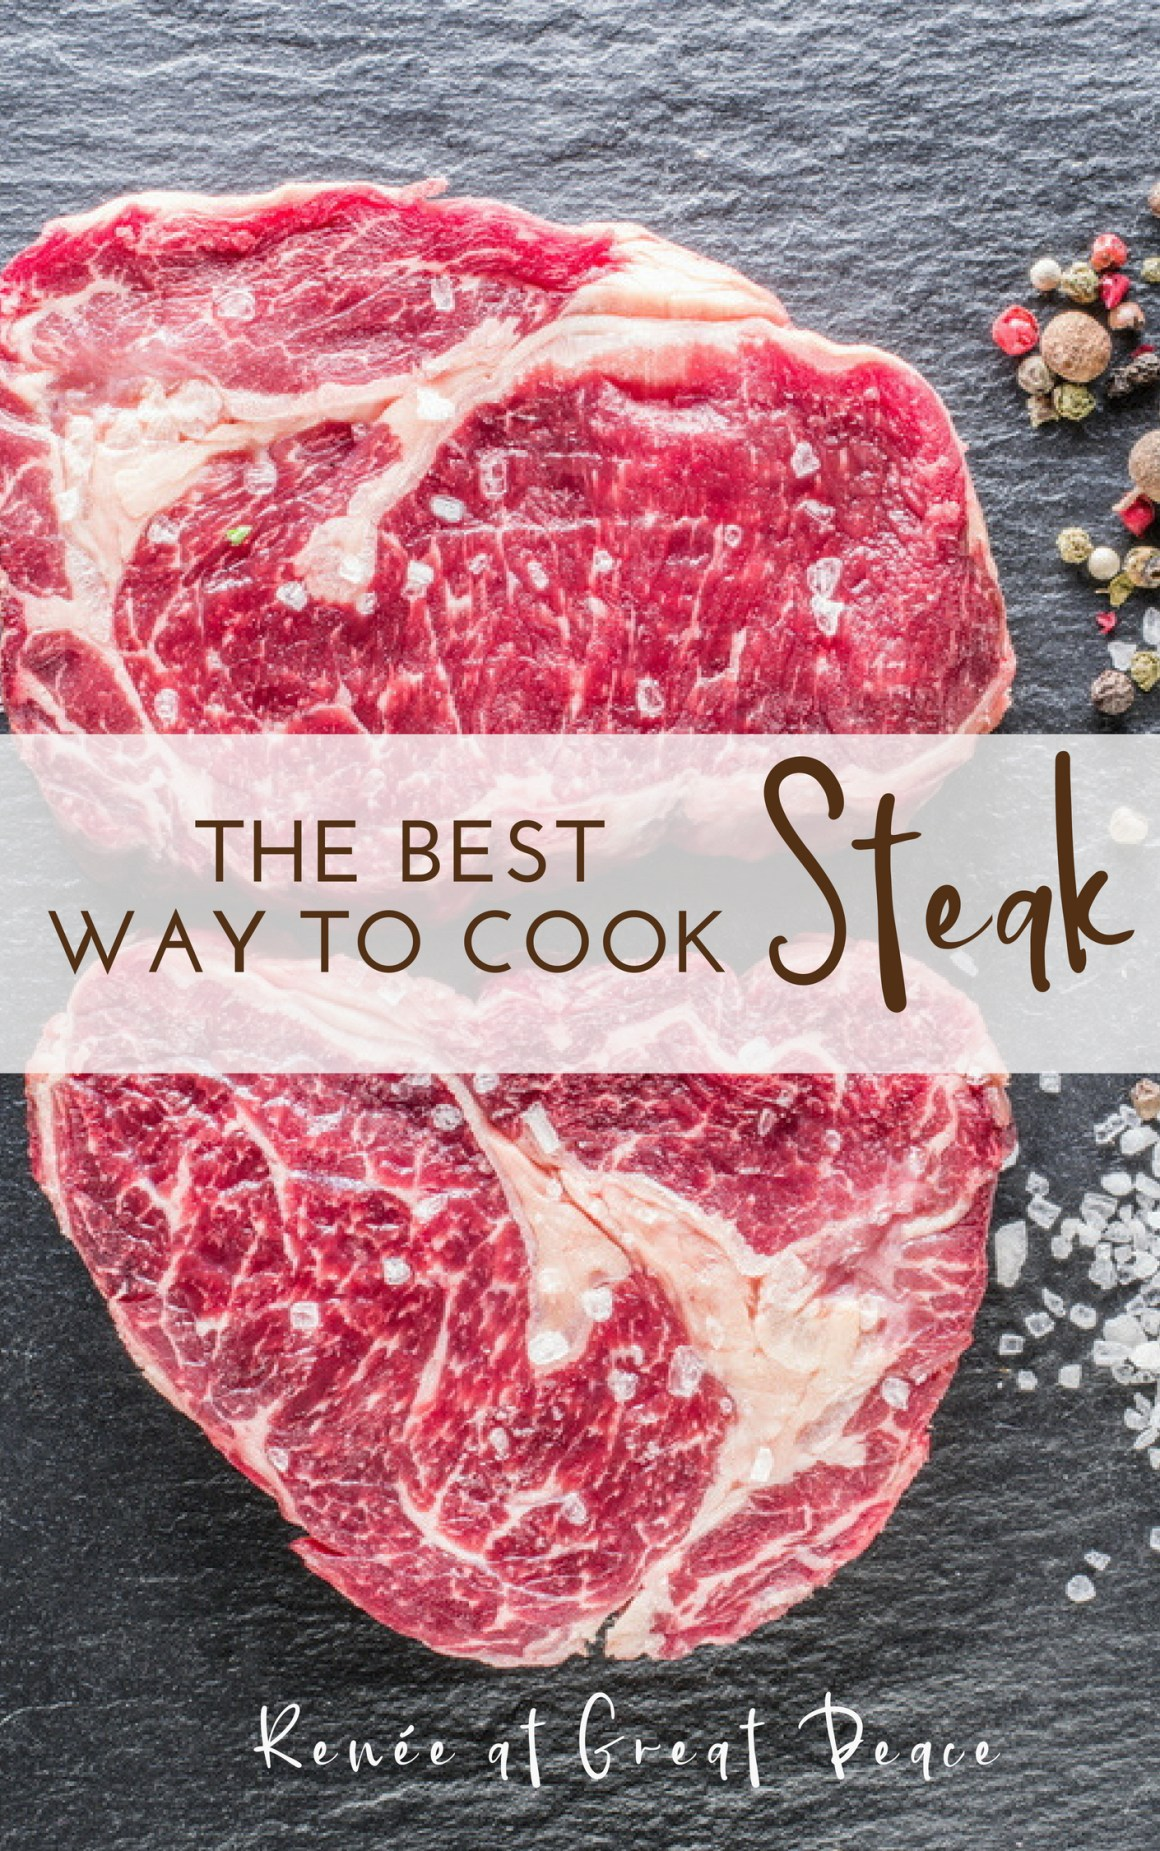 The Best Way to Cook Steak: Summer Dinner Ideas   Renée at Great Peace #summerdinners #mealplanning #steak